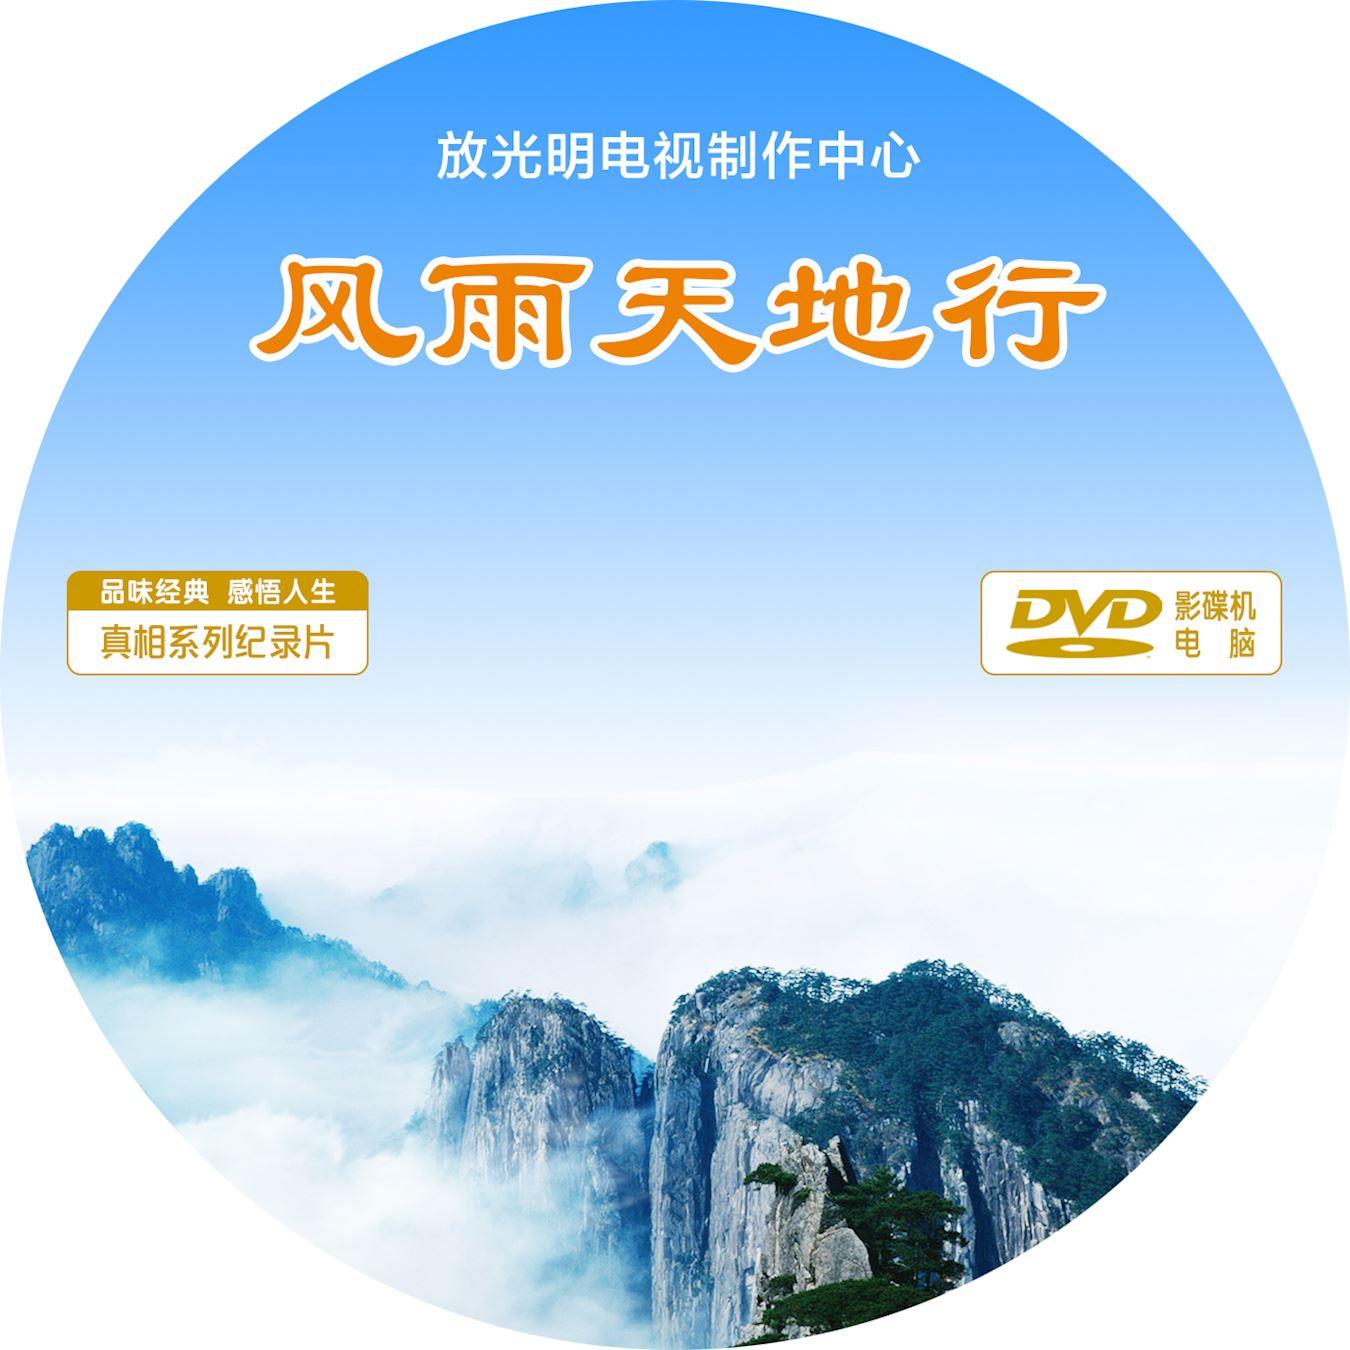 真相光盤:風雨天地行(含DVD鏡像) 【明慧網】